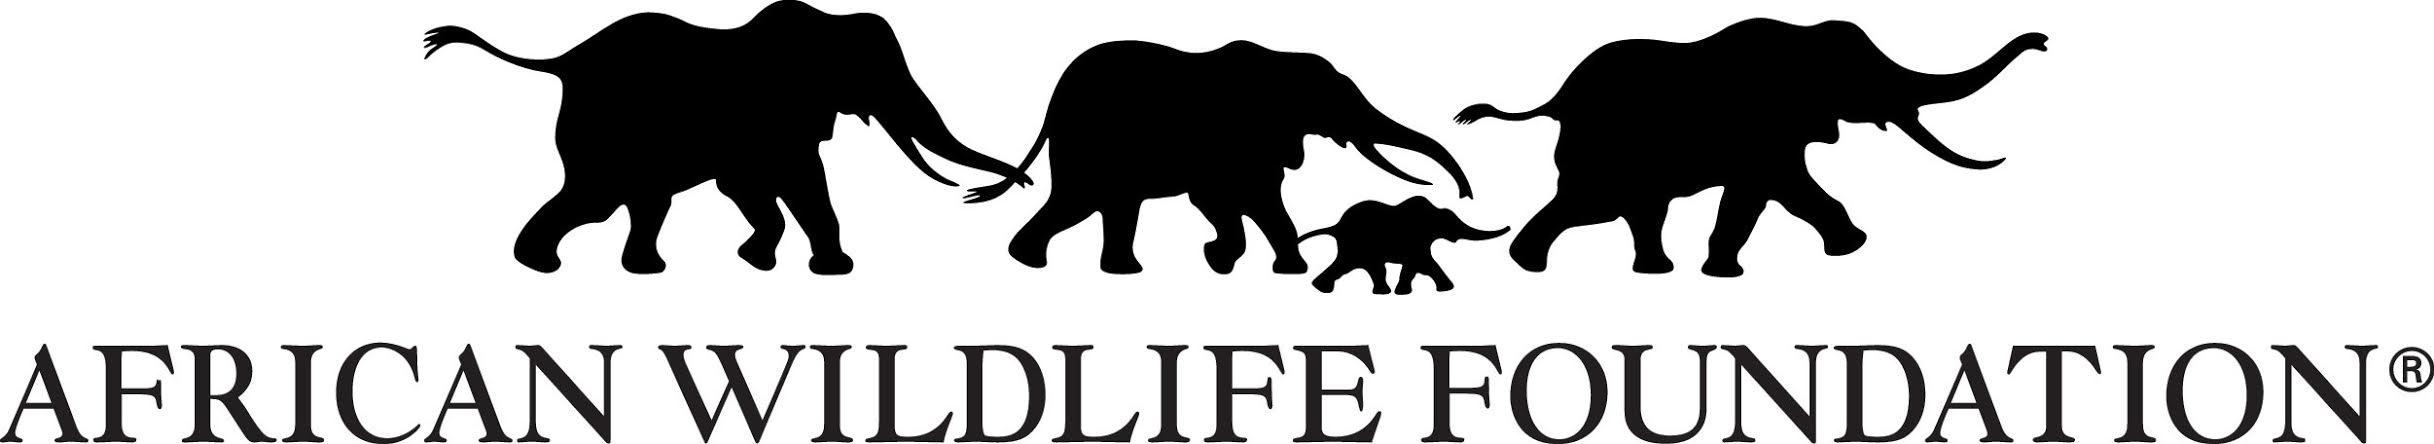 African Wildlife Foundation (AWF)  logo